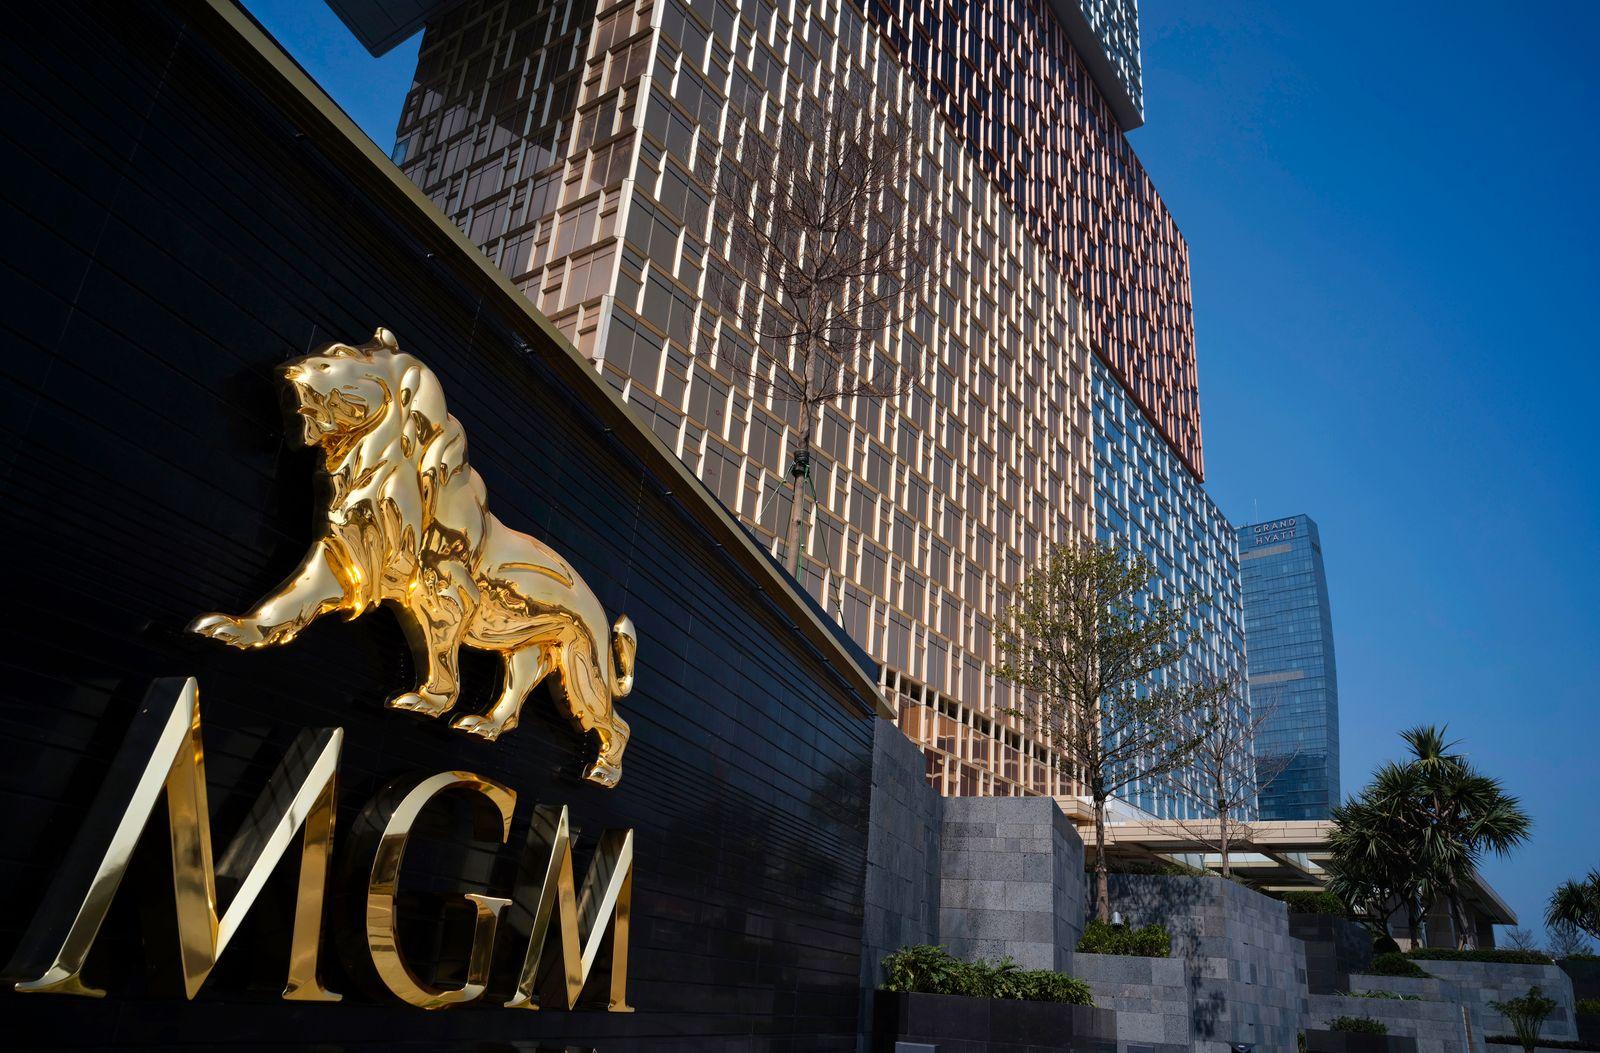 Macau New Casino